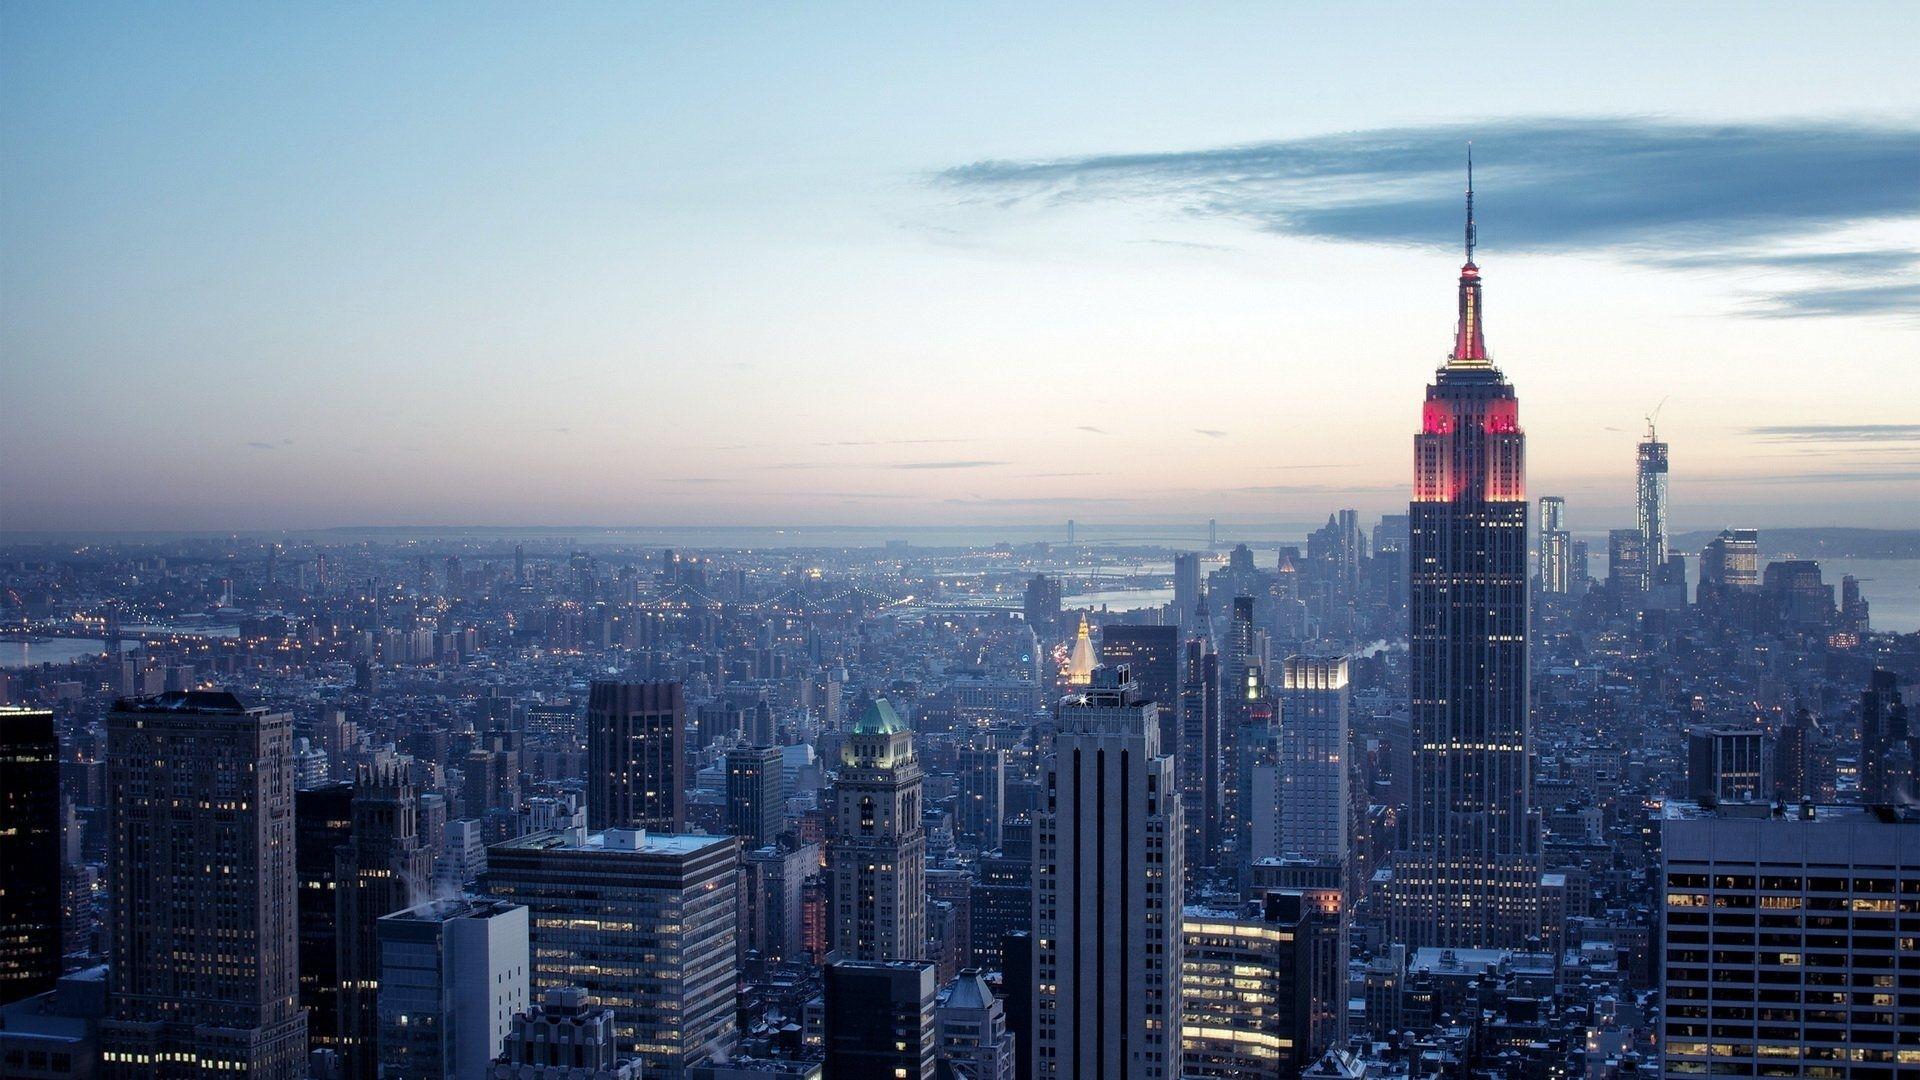 10 Best New York Wallpaper 1920x1080 Full Hd 1920 1080 For Pc Desktop New York Wallpaper City Wallpaper York Wallpaper